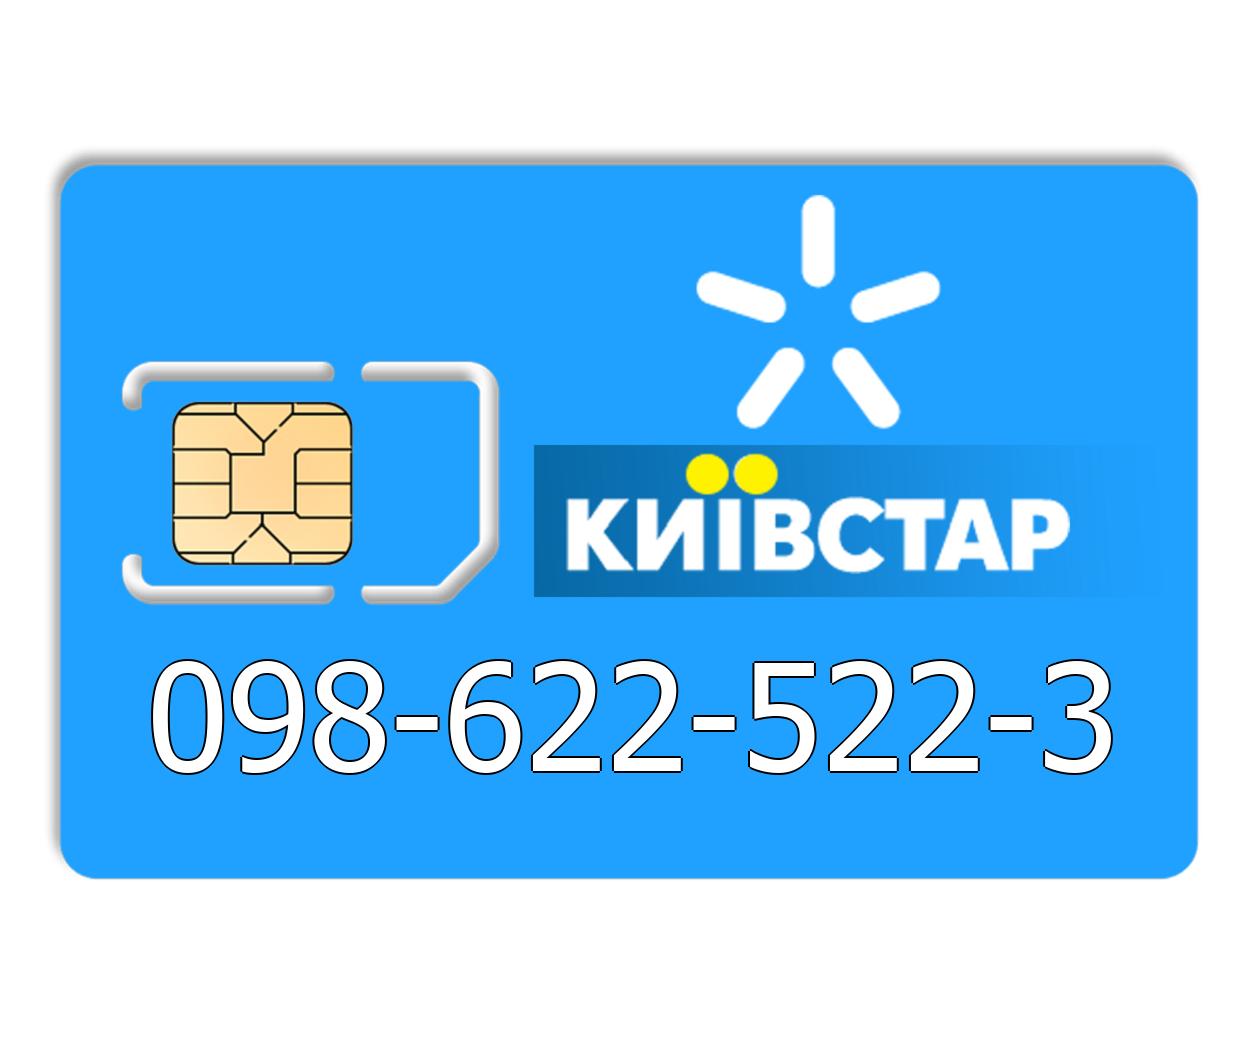 Красивый номер Киевстар 098-622-522-3